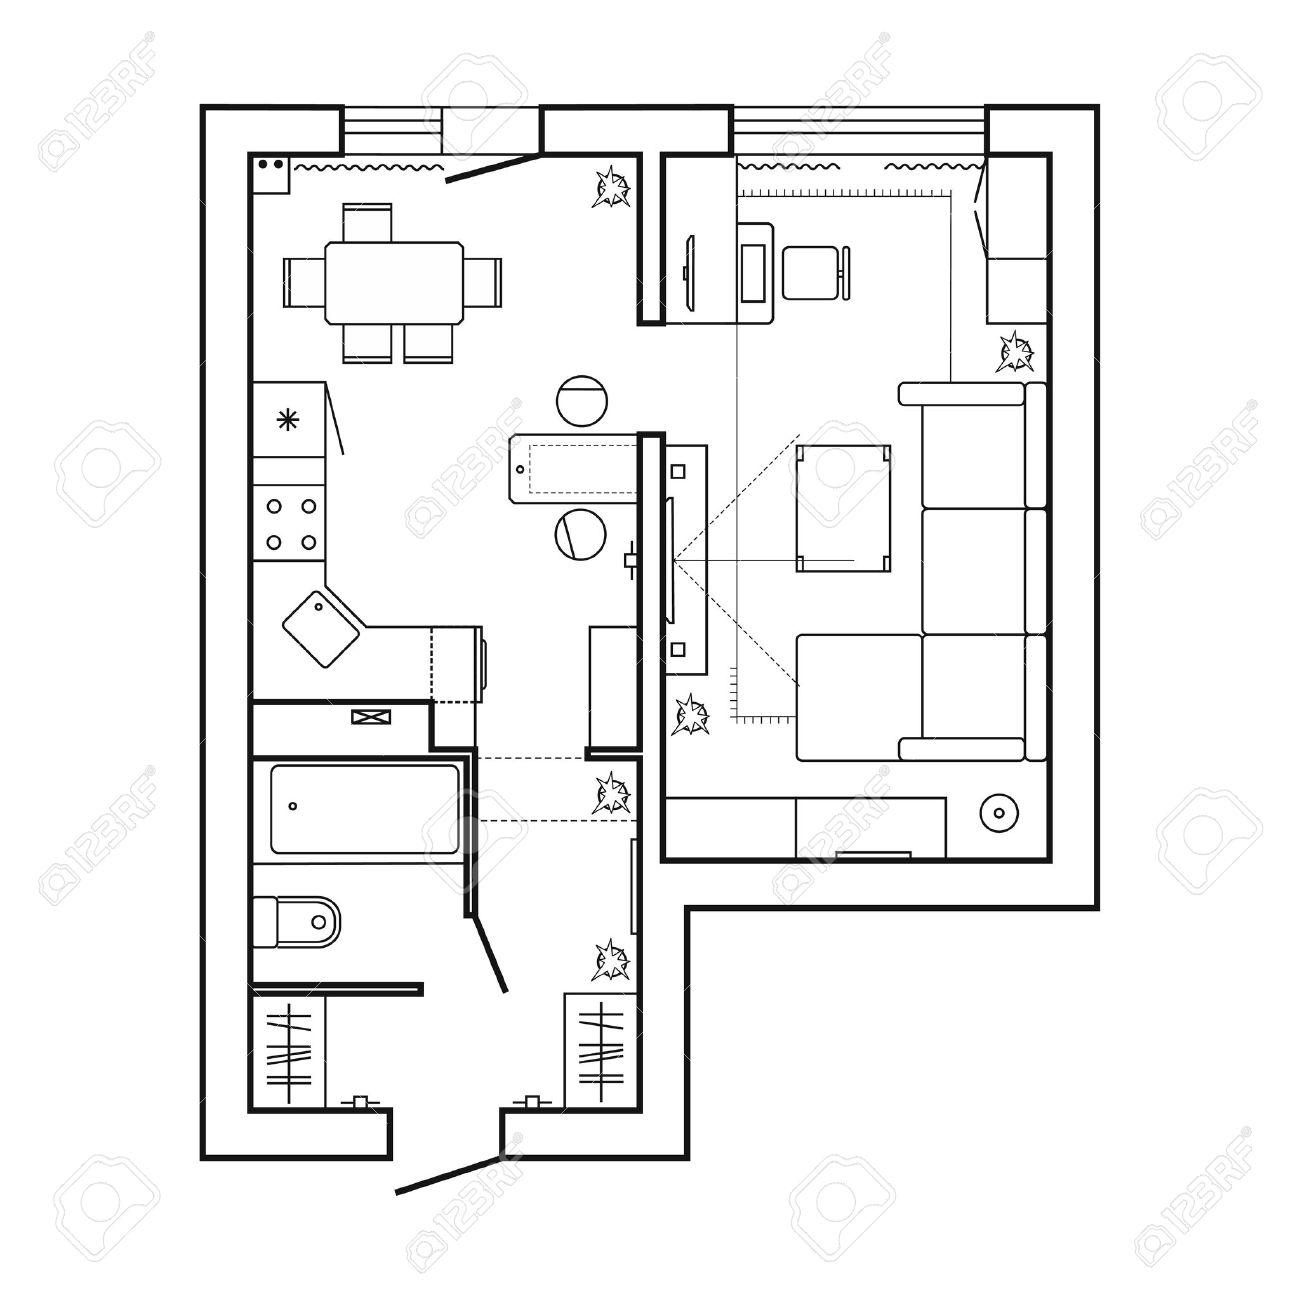 Plan De Arquitectura Con Muebles. Planta De La Casa. Cocina, Salón Y ...